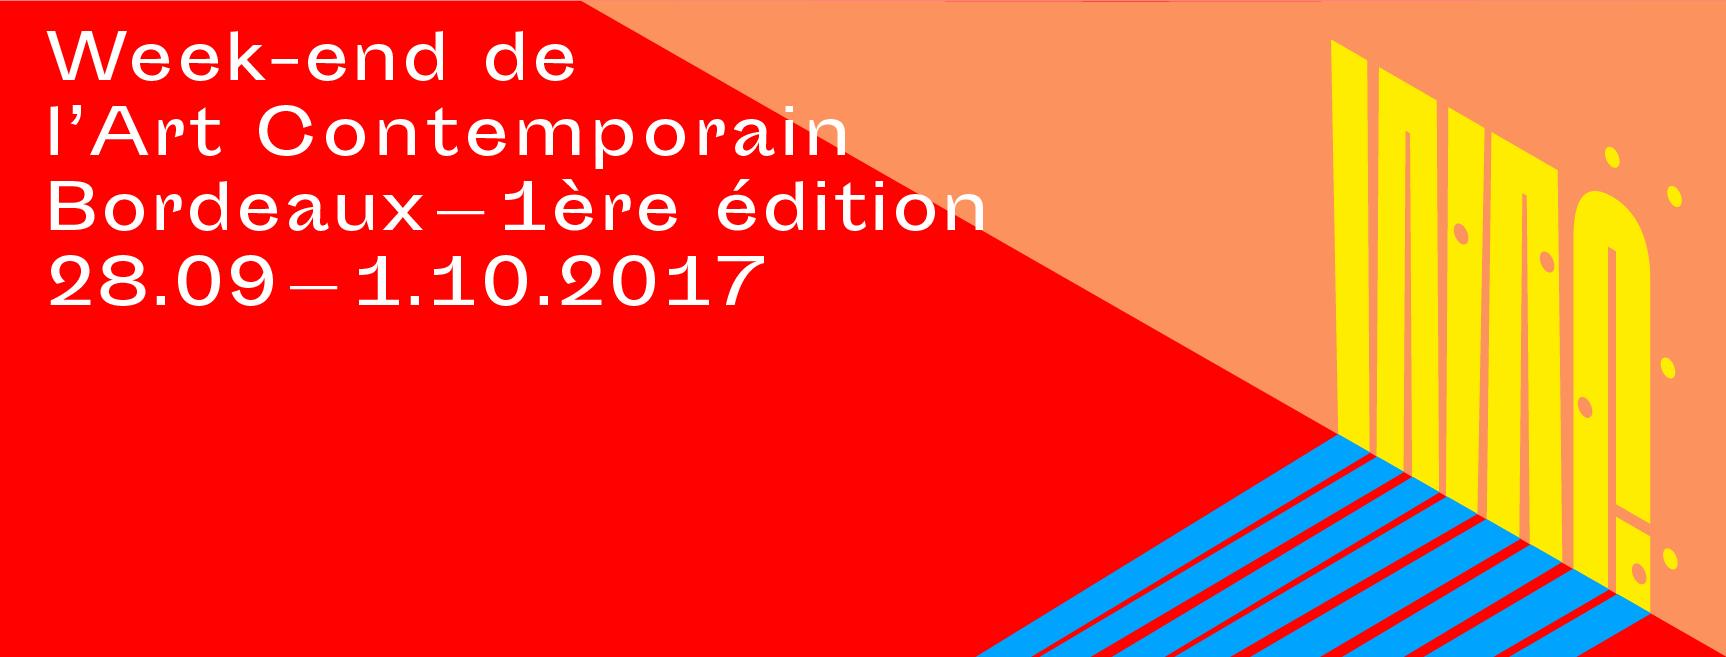 [ÉVÉNEMENT] 28/09▷01/10 – Week-end de l'Art Contemporain – Bordeaux